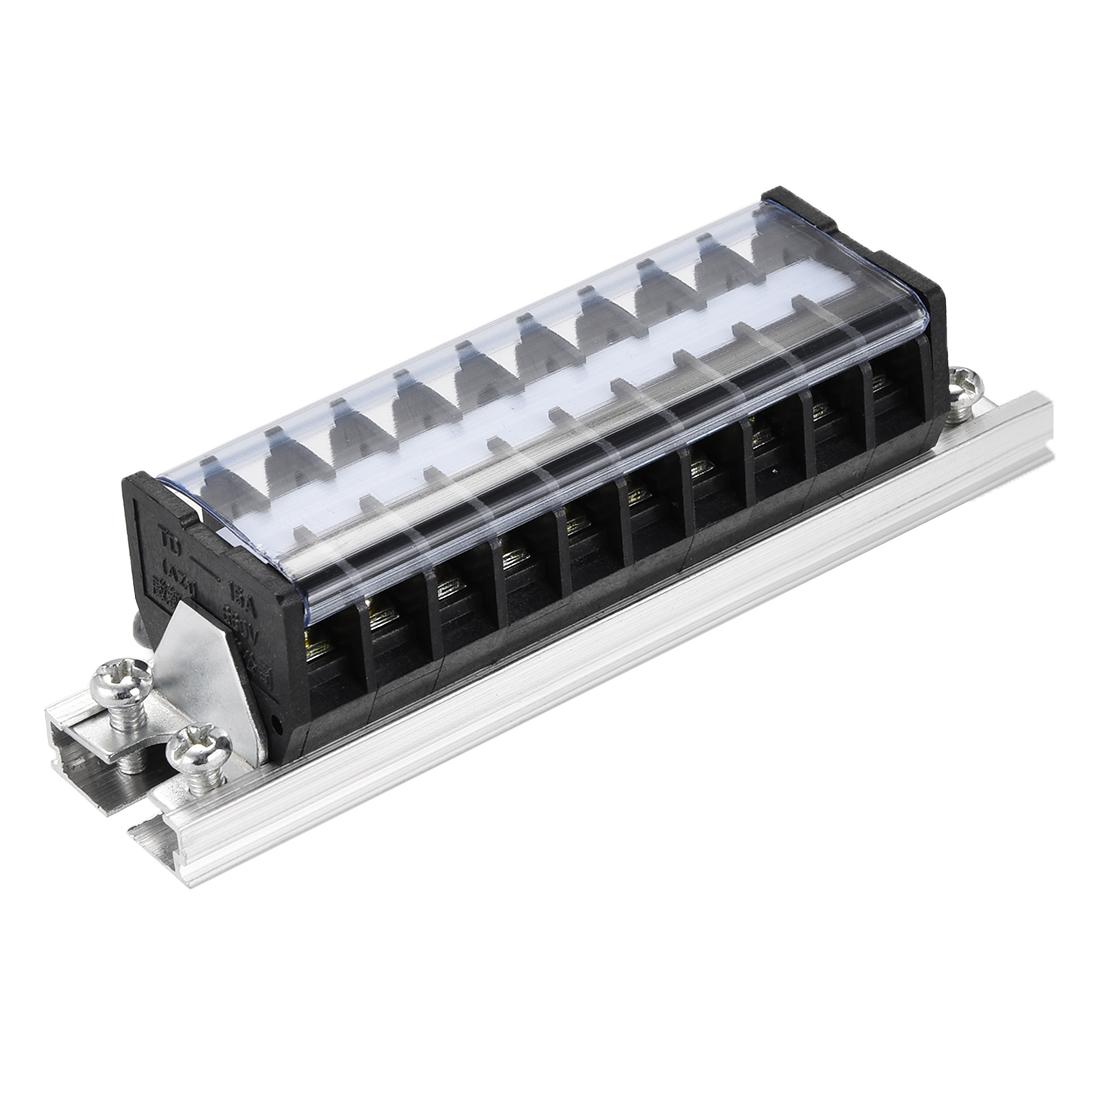 Barrier Terminal Strip Block 10P 600V 15A Dual Rows DIN Rail Base TD-1510 4pcs